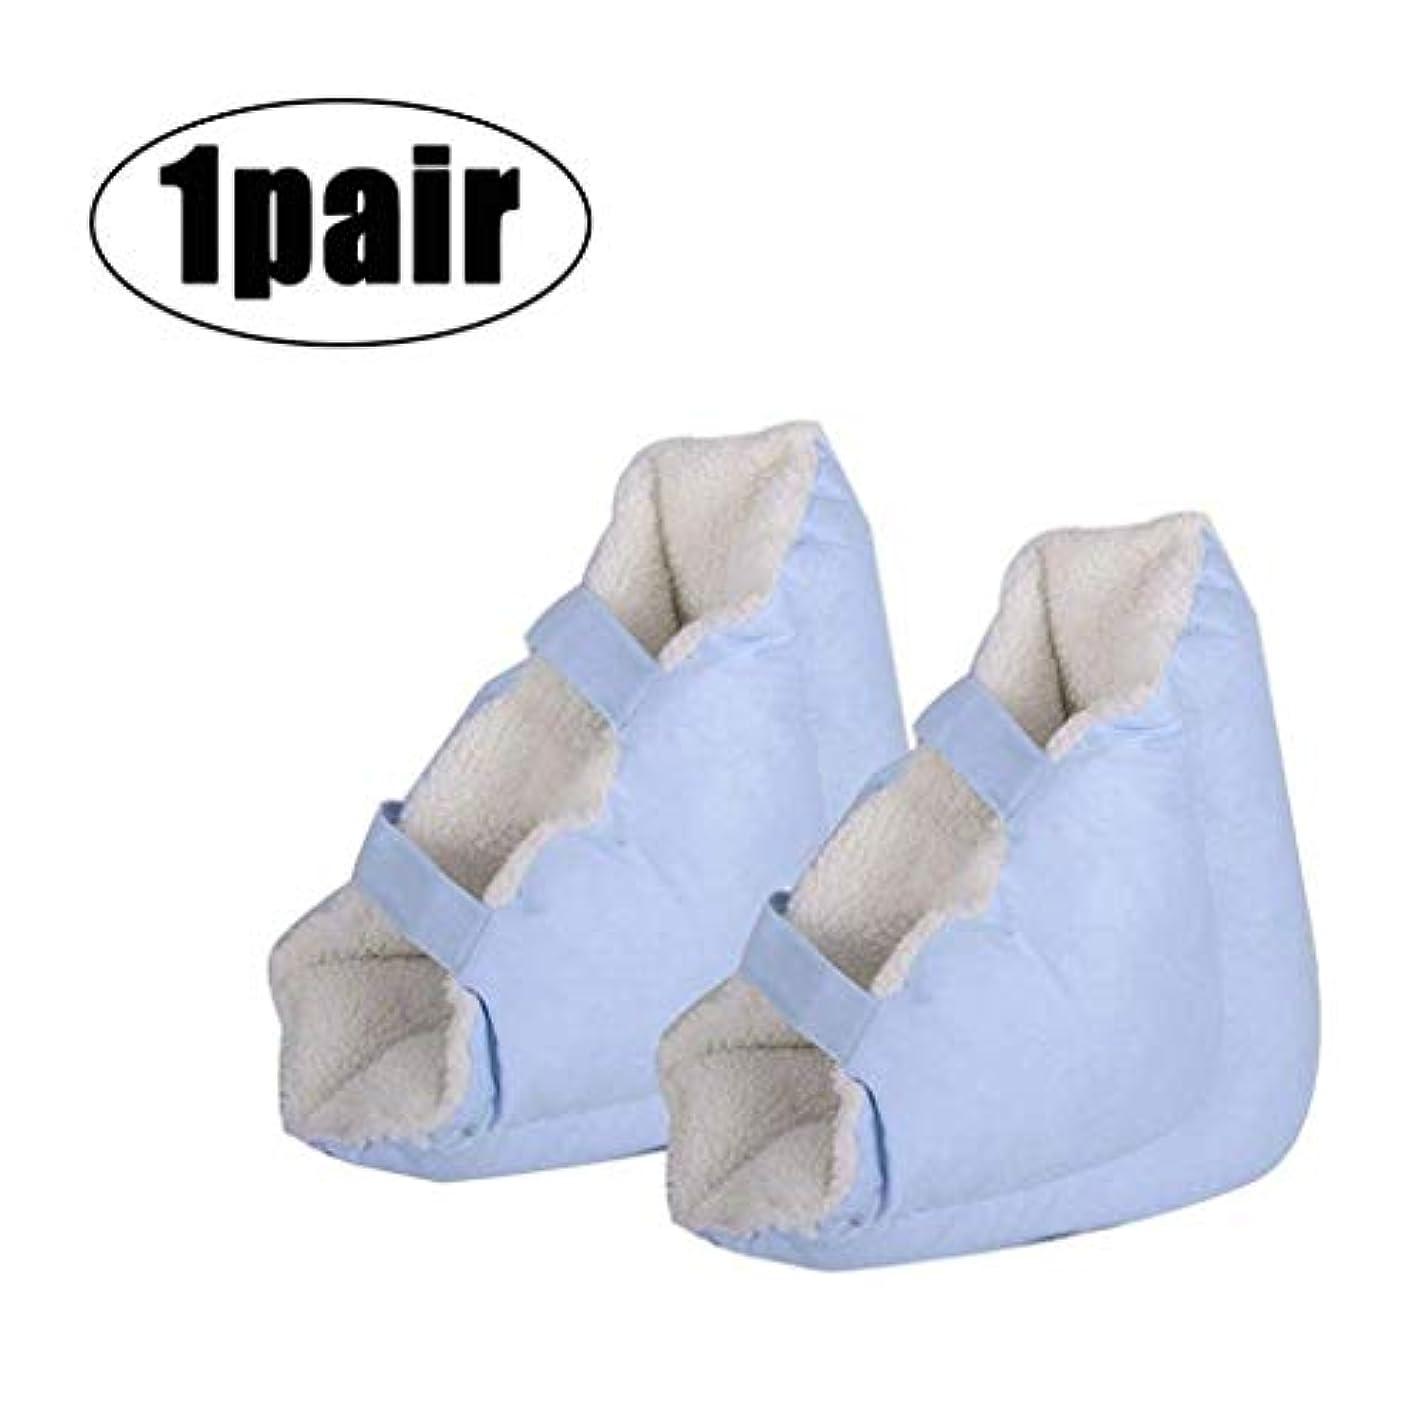 混乱修復花婿TONGSH かかとと足のプロテクター-個別に販売-足、かかと、肘を潰瘍、床、Pressure瘡から保護-痛みと怪我のリリーフ枕